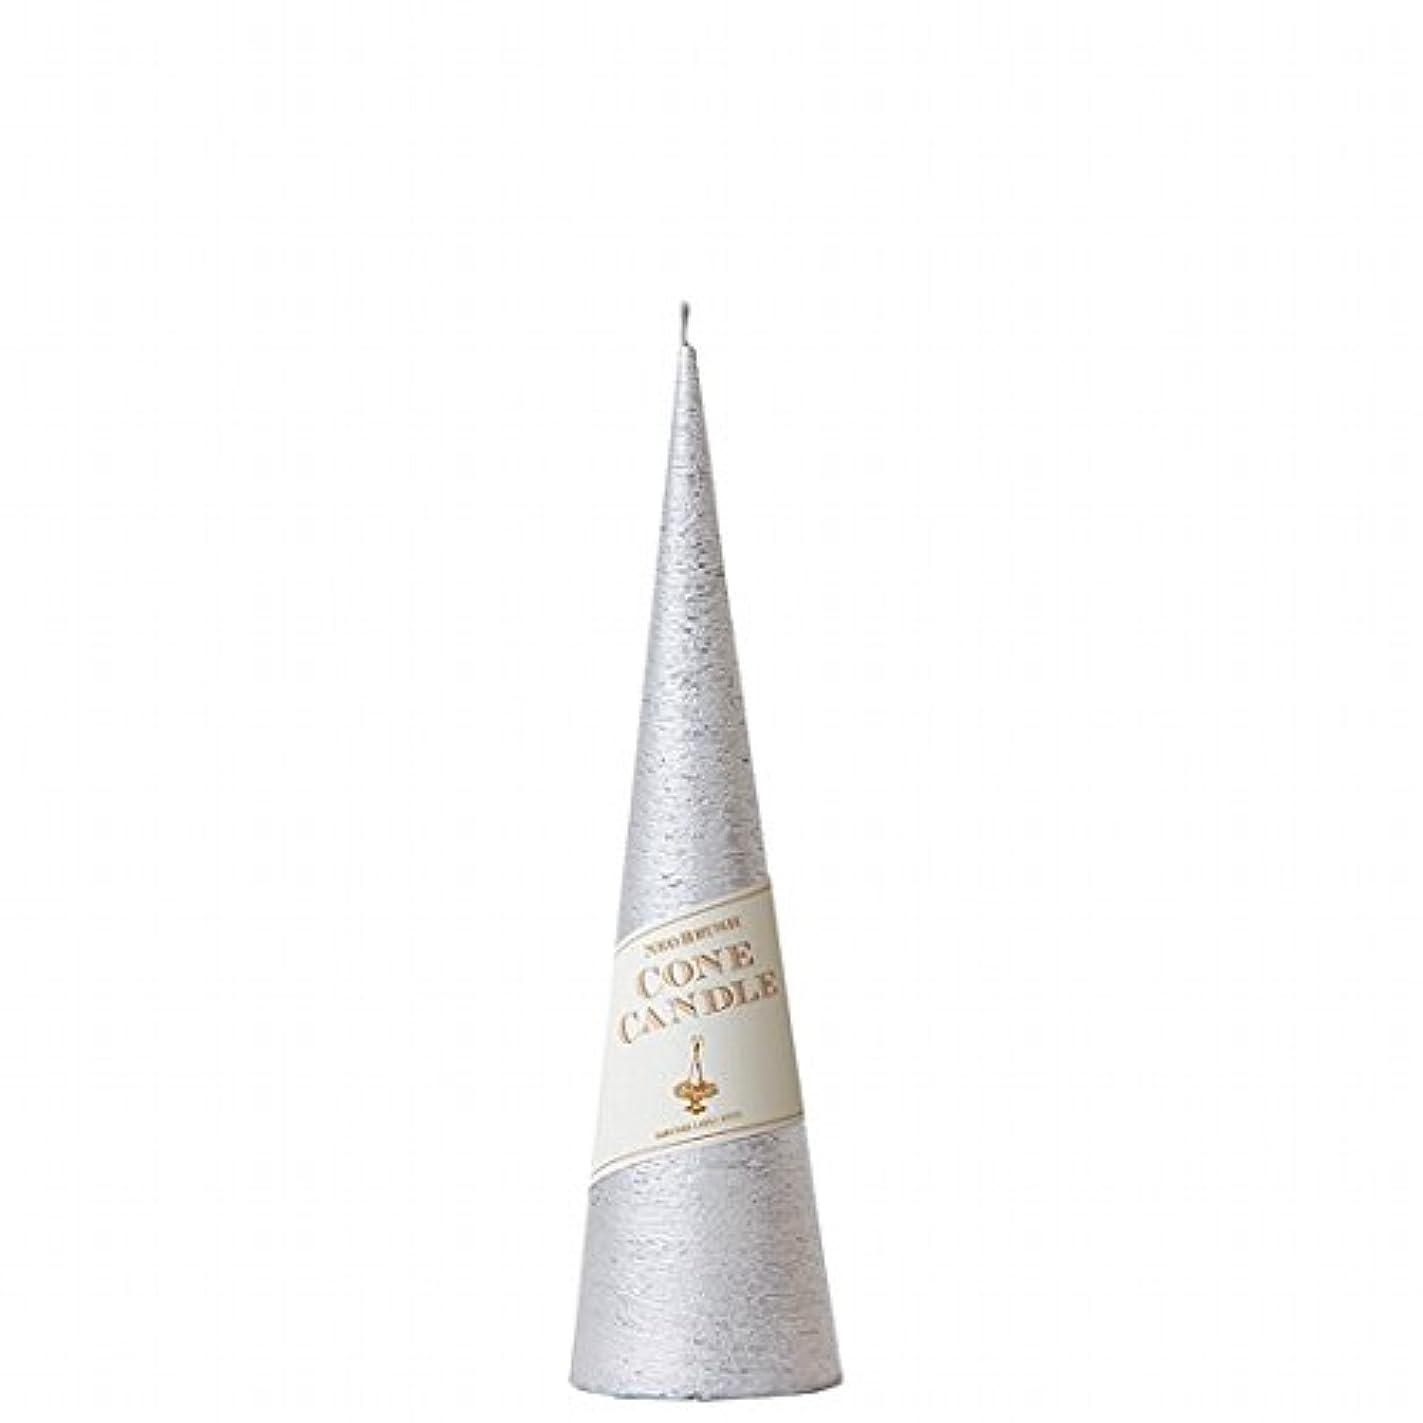 ハーフキャンパスちらつきカメヤマキャンドル( kameyama candle ) ネオブラッシュコーン 230 キャンドル 「 シルバー 」